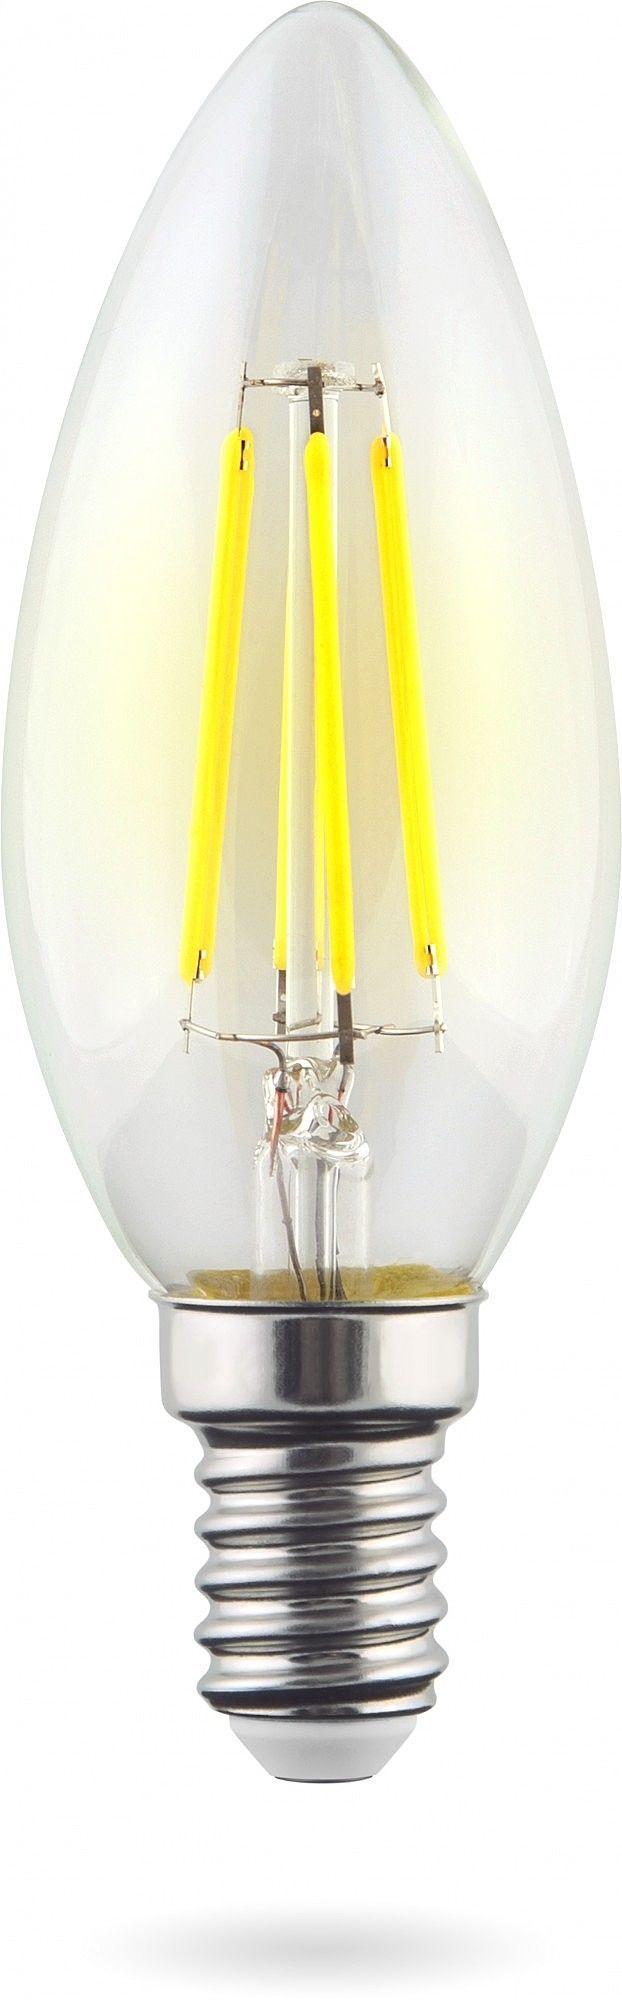 Филаментная светодиодная лампа Voltega Crystal 7096 свеча E14 9W, 2800K (теплый) 220V, гарантия 3 года - фото 1